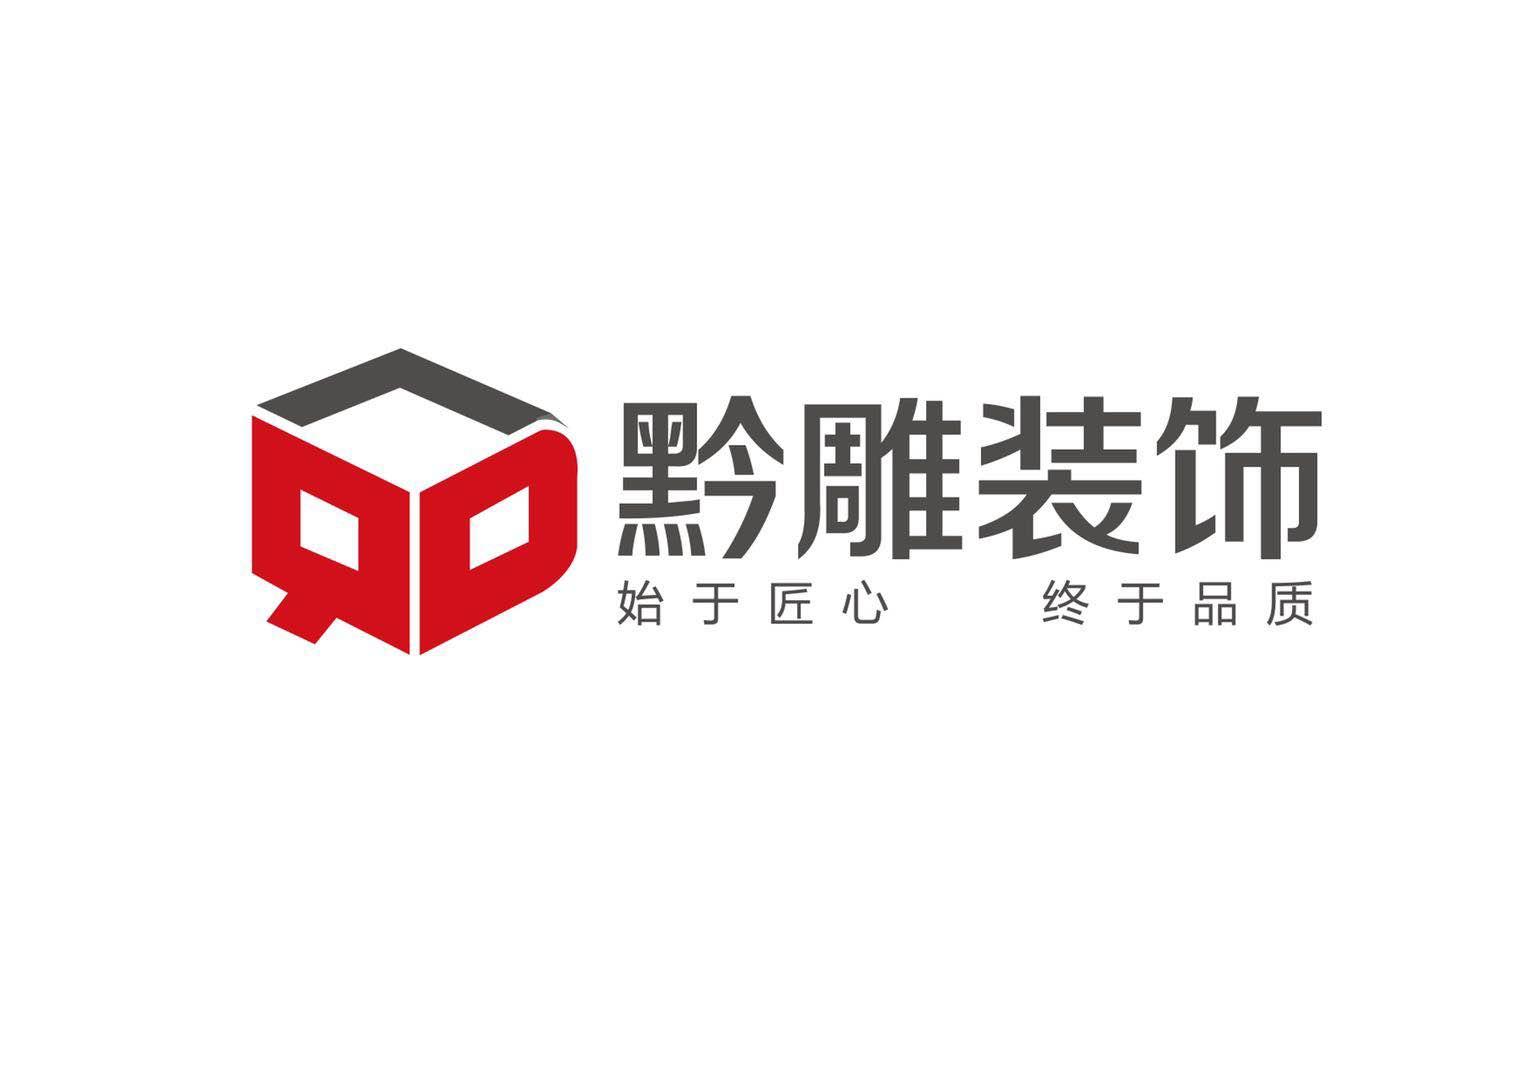 贵州黔雕建筑装饰工程有限公司